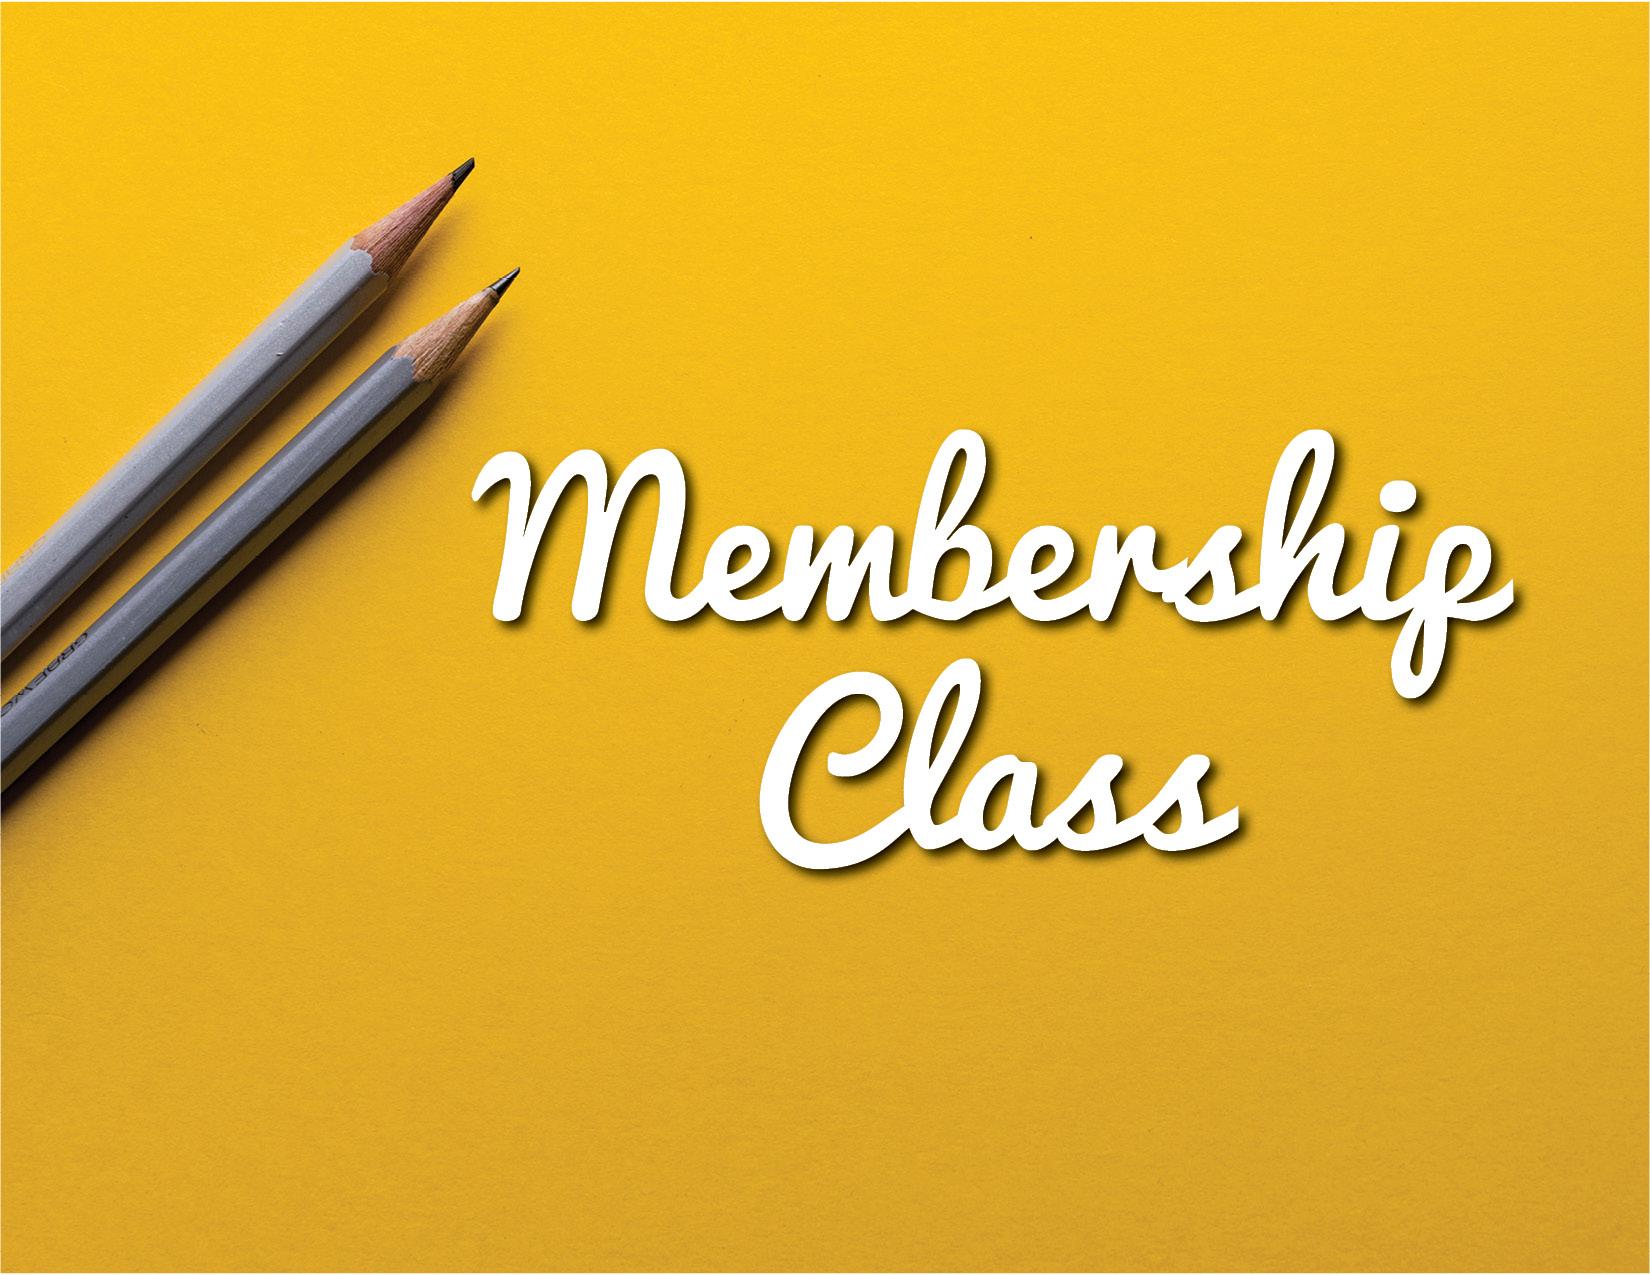 Membership class generic